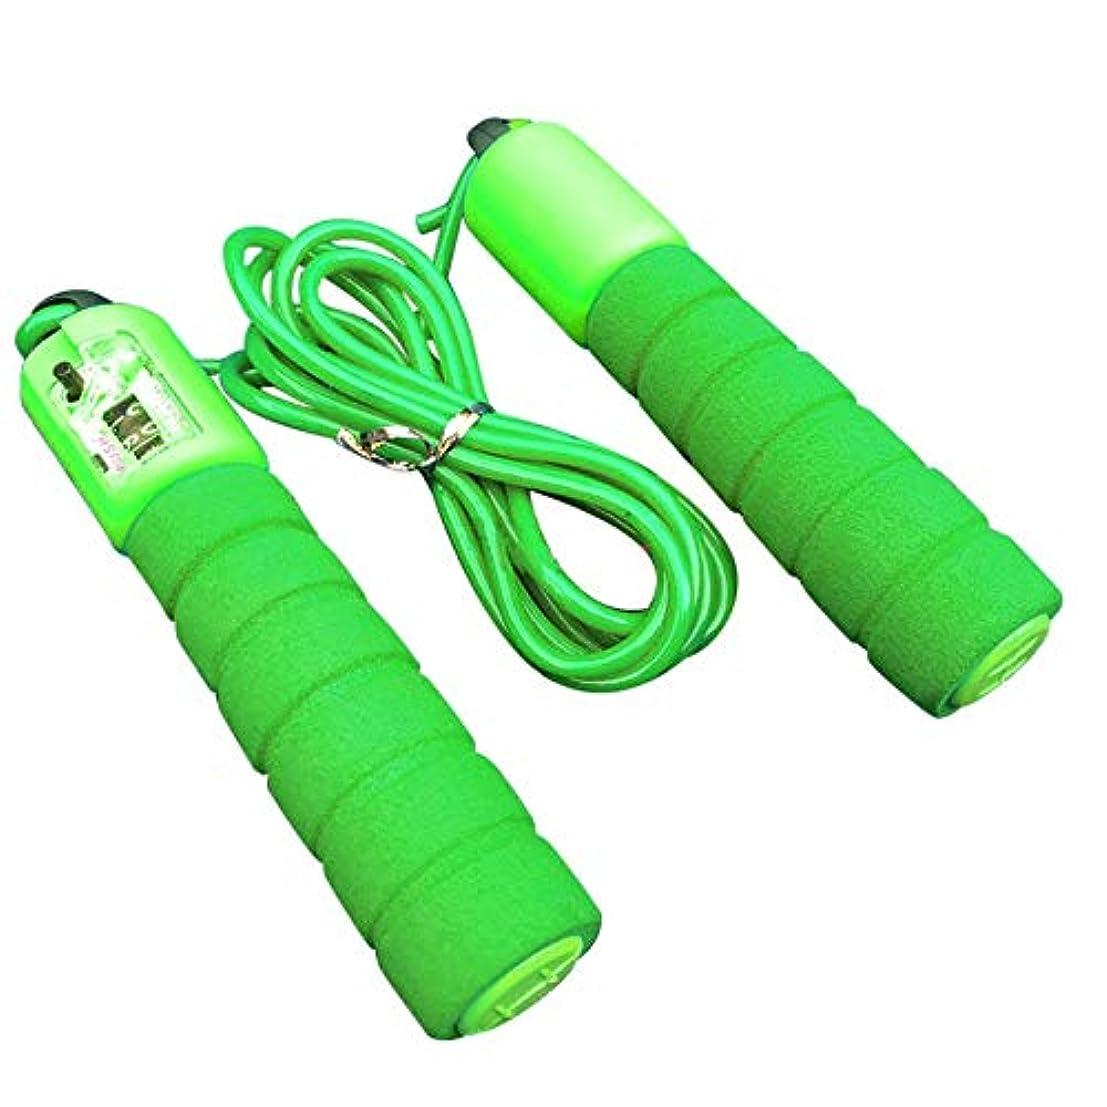 何十人も良性ヘロイン調節可能なプロフェッショナルカウント縄跳び自動カウントジャンプロープフィットネス運動高速カウントジャンプロープ - グリーン